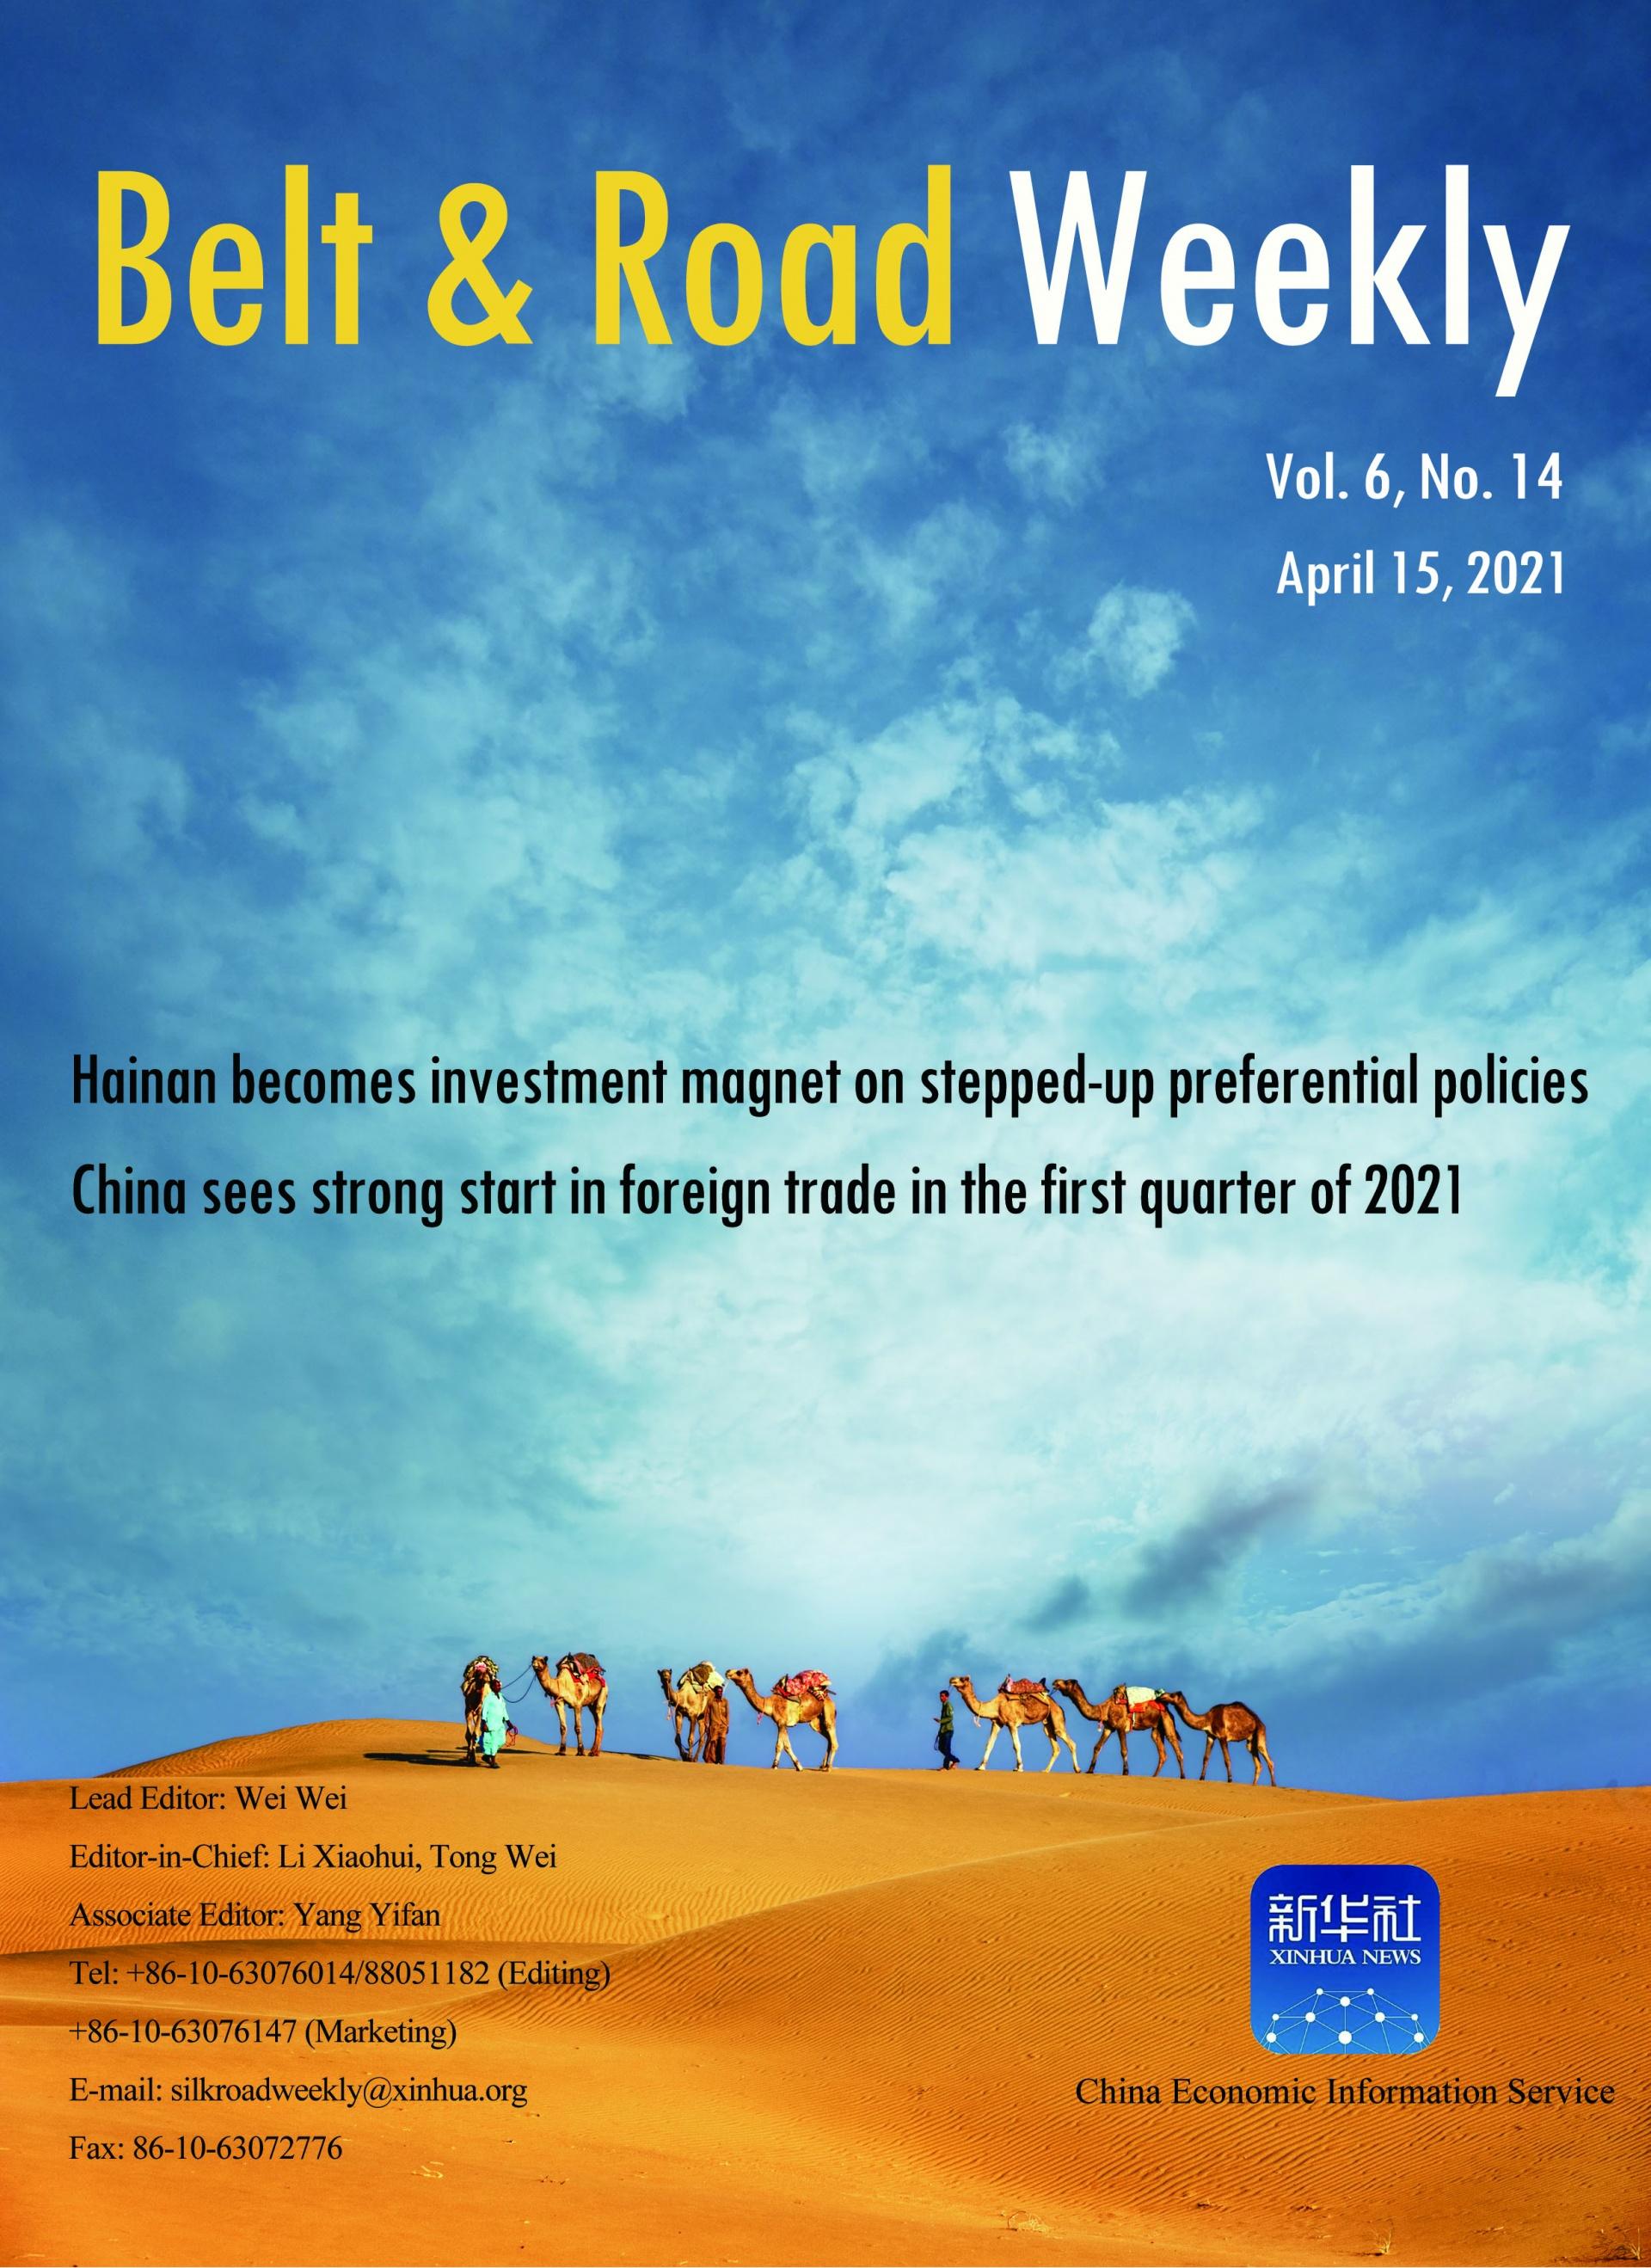 Belt & Road Weekly Vol. 6 No.14